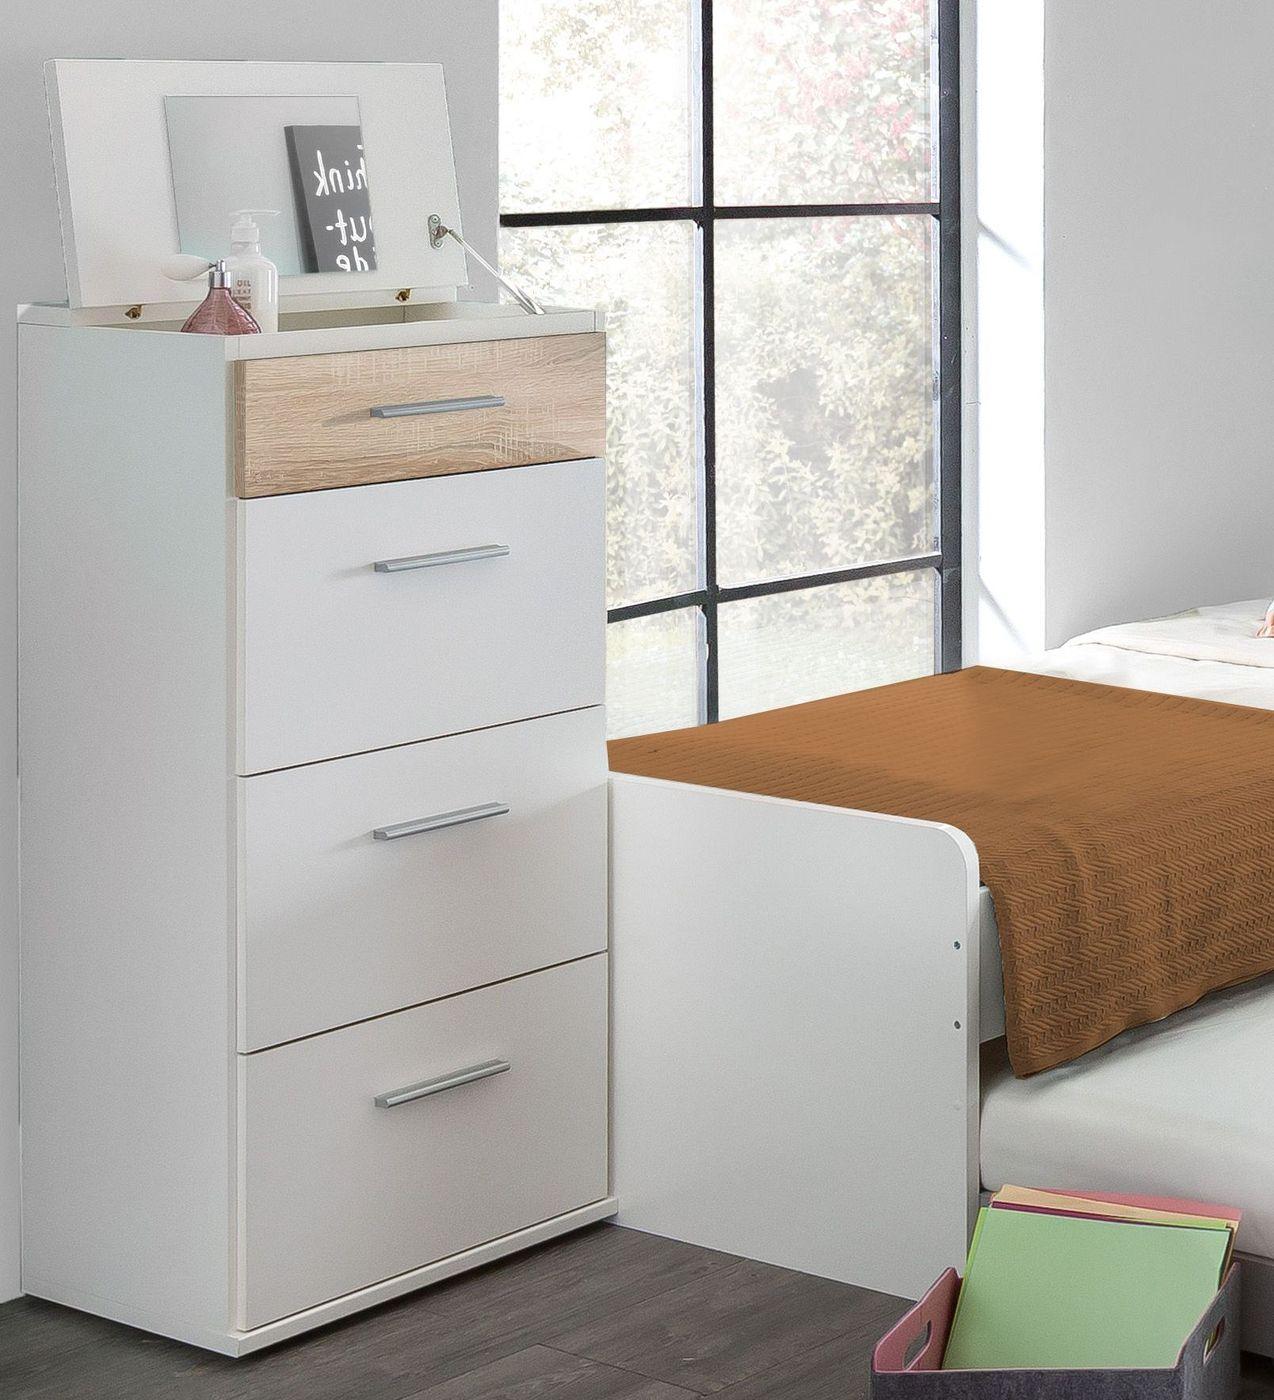 schmale schubladenkommode mit spiegel zum aufklappen solero. Black Bedroom Furniture Sets. Home Design Ideas